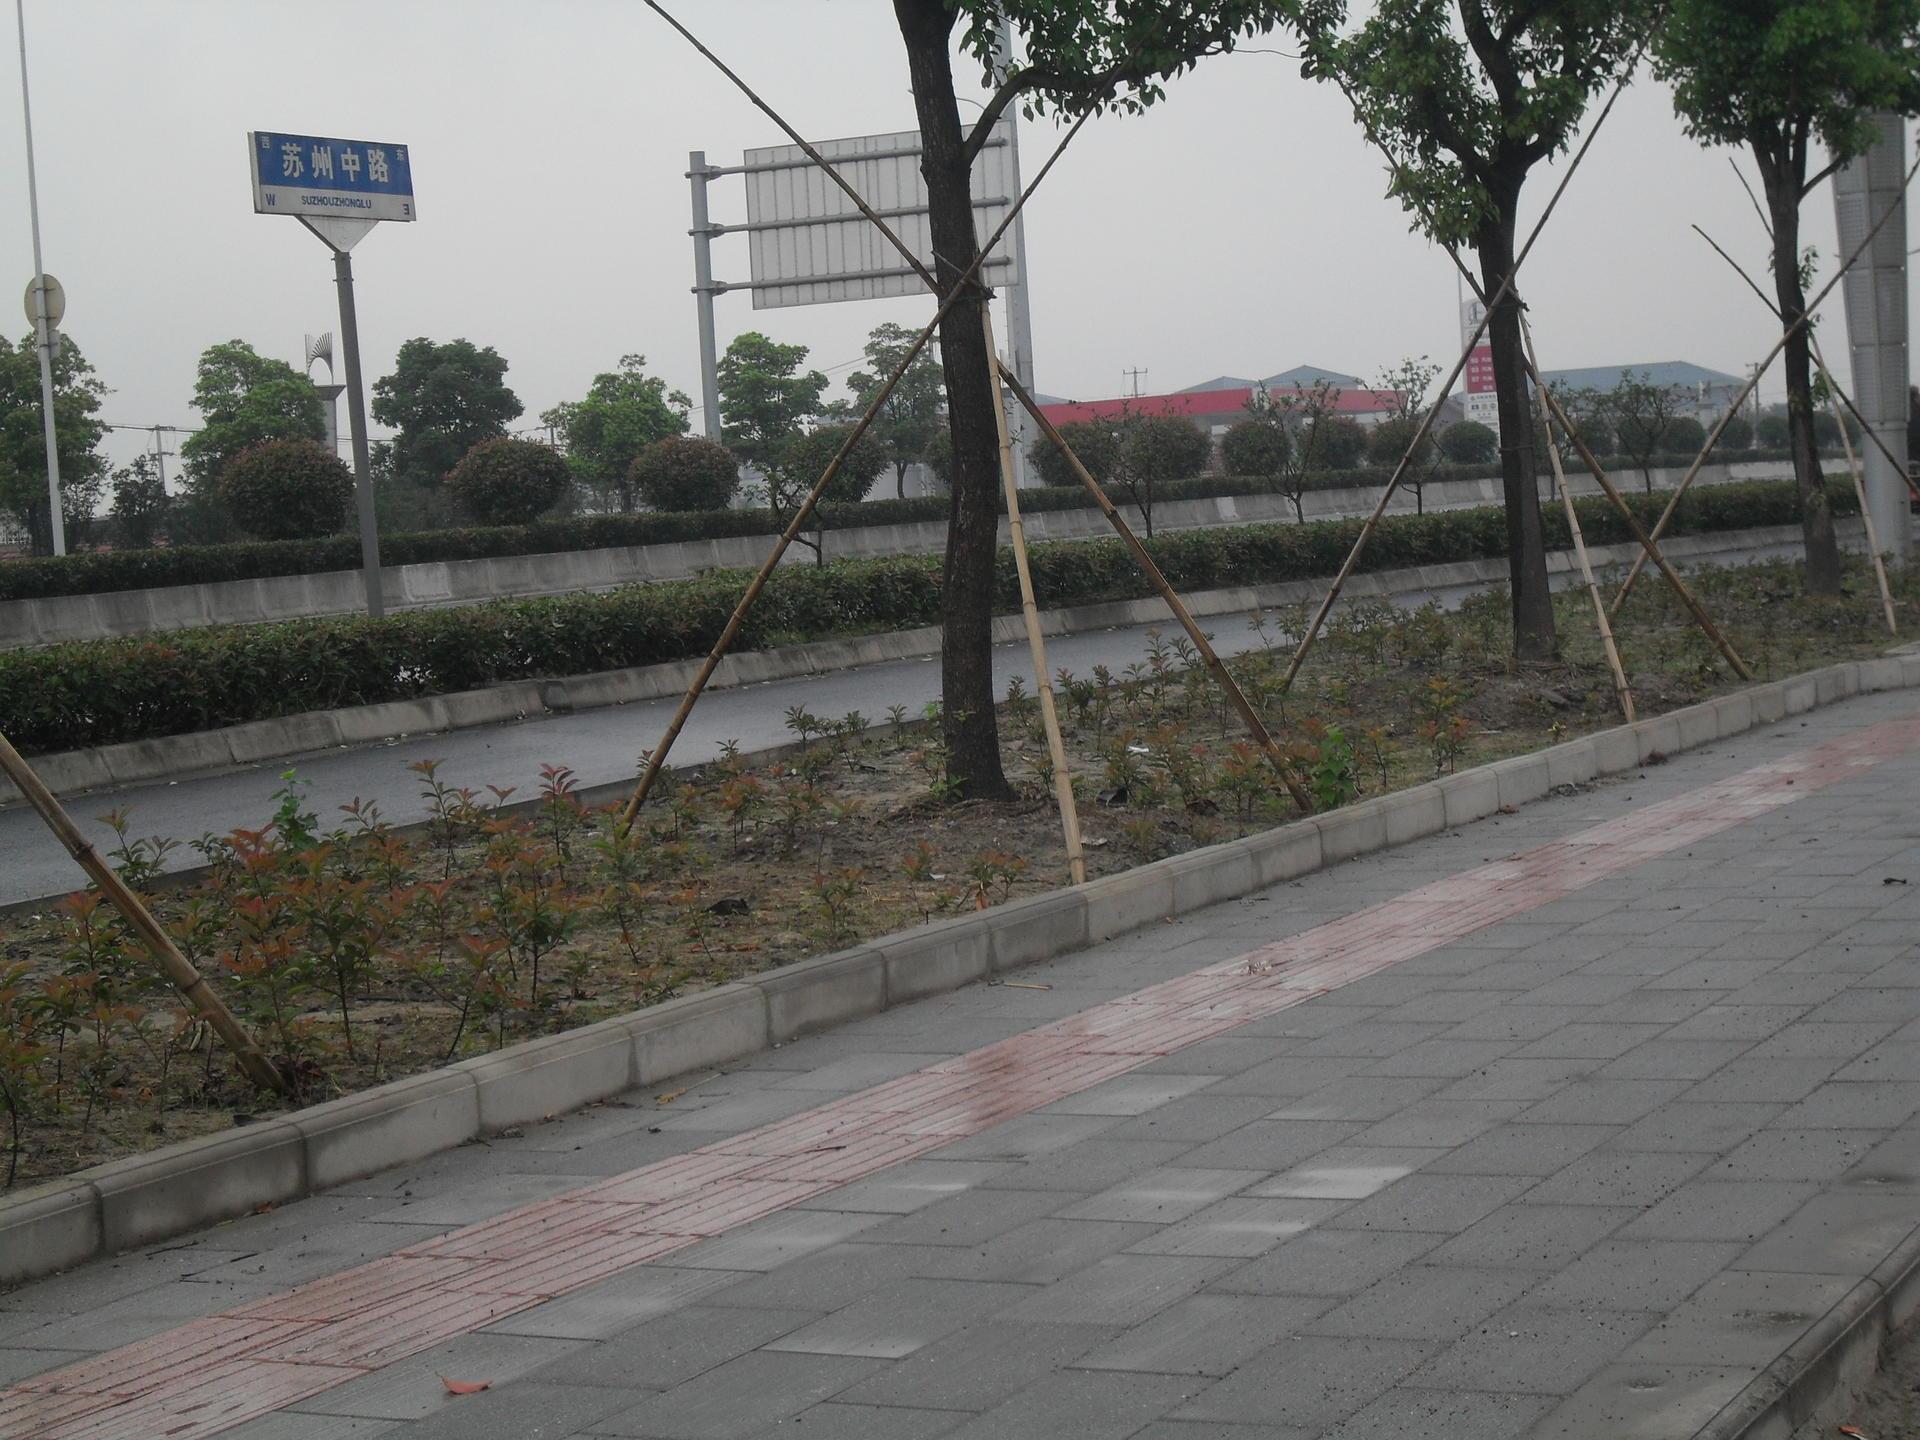 苏州中路01.JPG